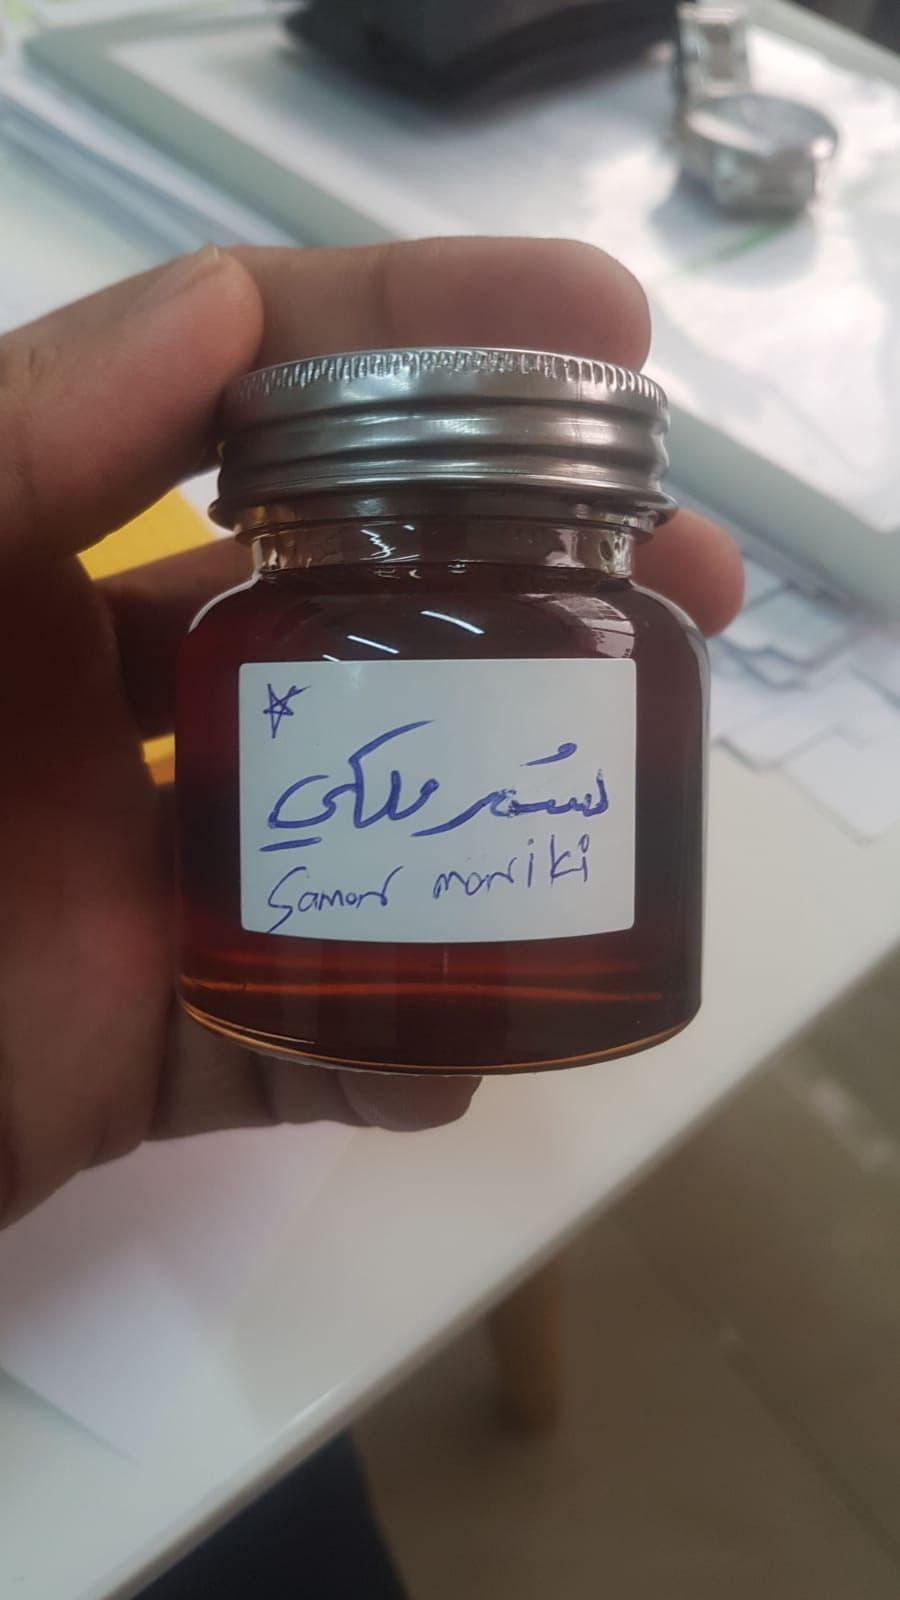 سمر ملكي حضرمي بالكويت ت 50751118 Food Honey Condiments